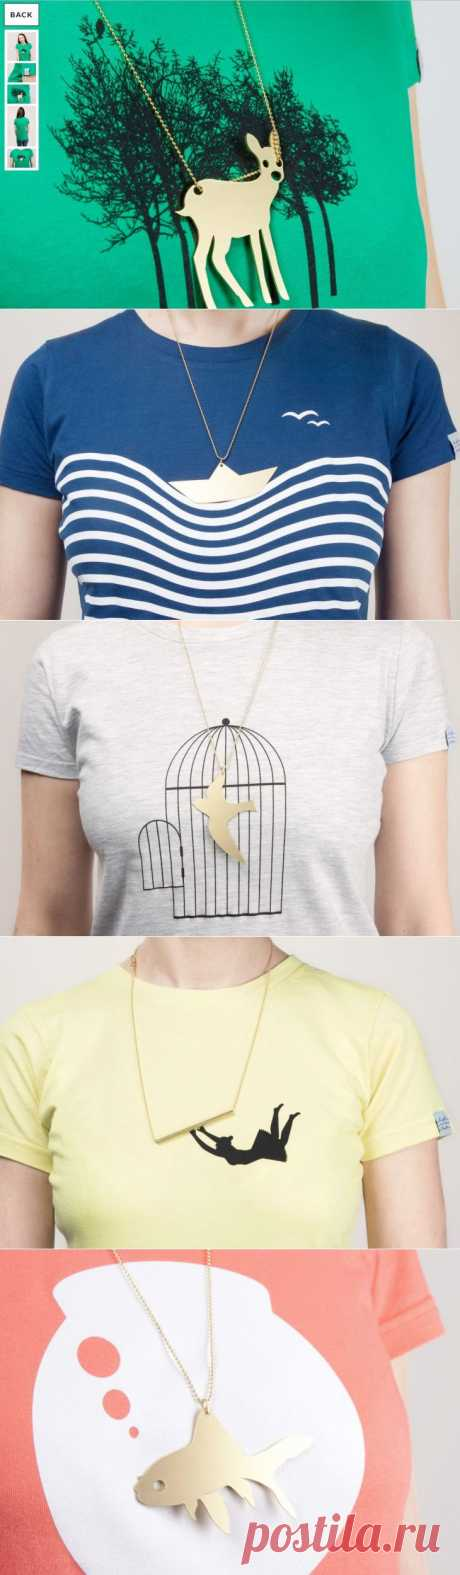 Украшение + футболка: luft und liebe (подборка) / Украшения и бижутерия /